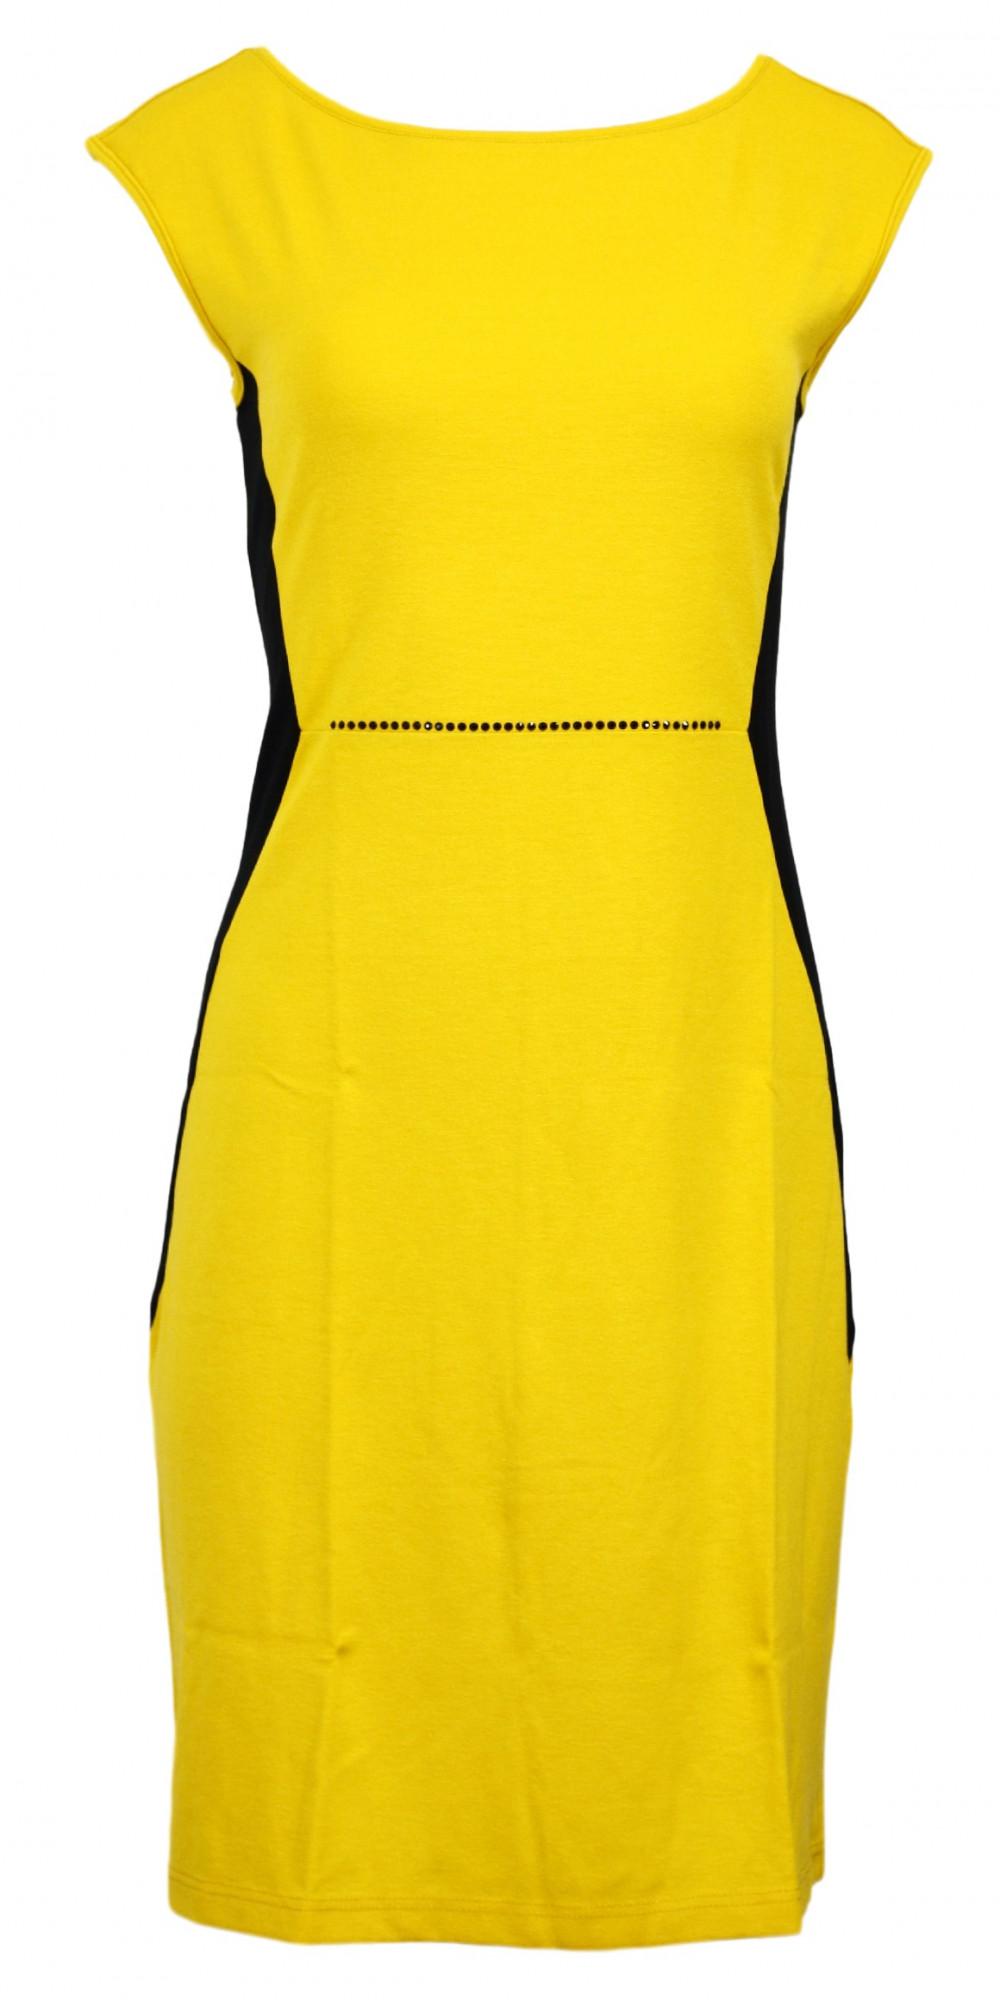 Šaty Saxa - Favab Barva: korál, Velikost: M